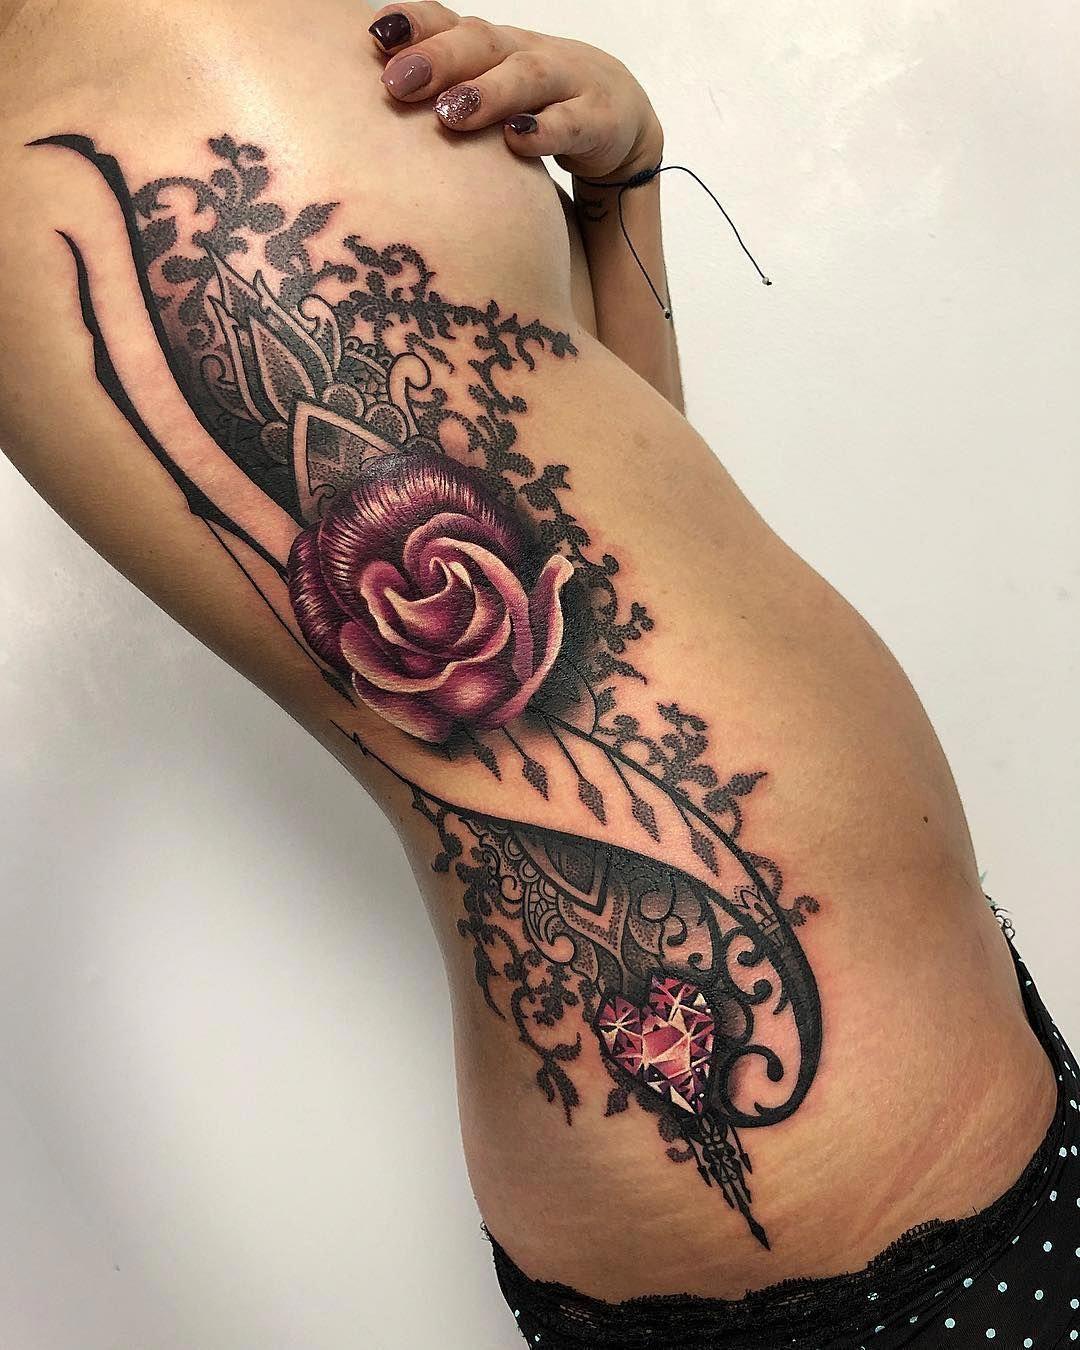 Tattoosformen Tattoos For Men Pinterest Tattoos Tattoo